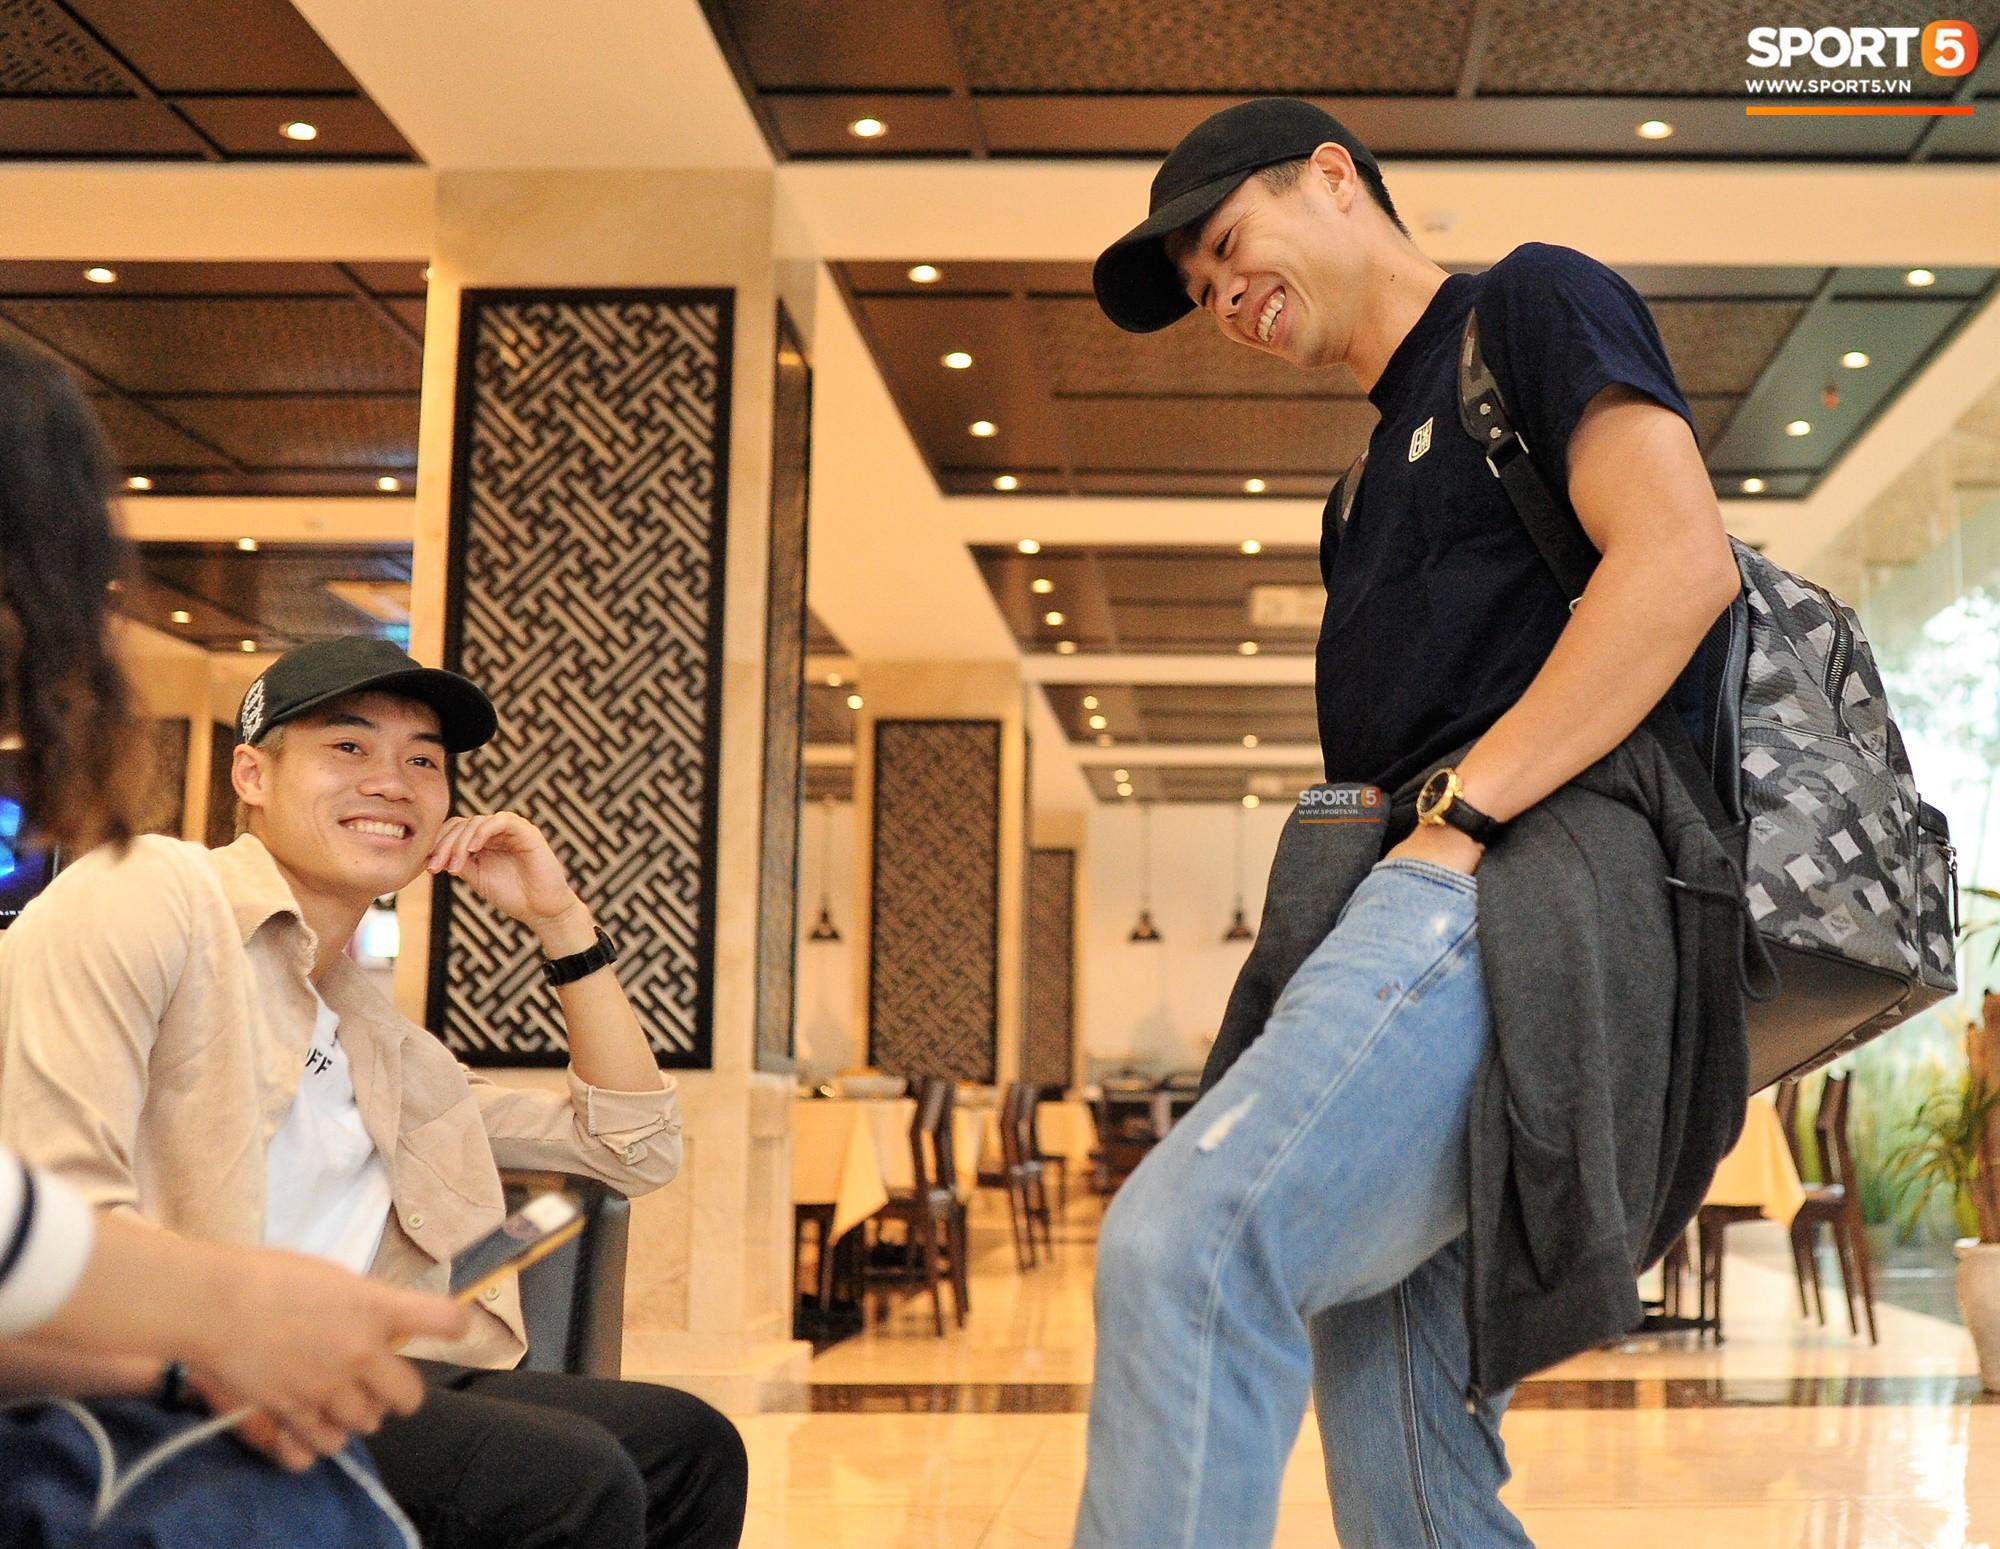 Không quần đùi áo số, Công Phượng và Văn Toàn cool ngầu với style chuẩn Hàn Quốc-6